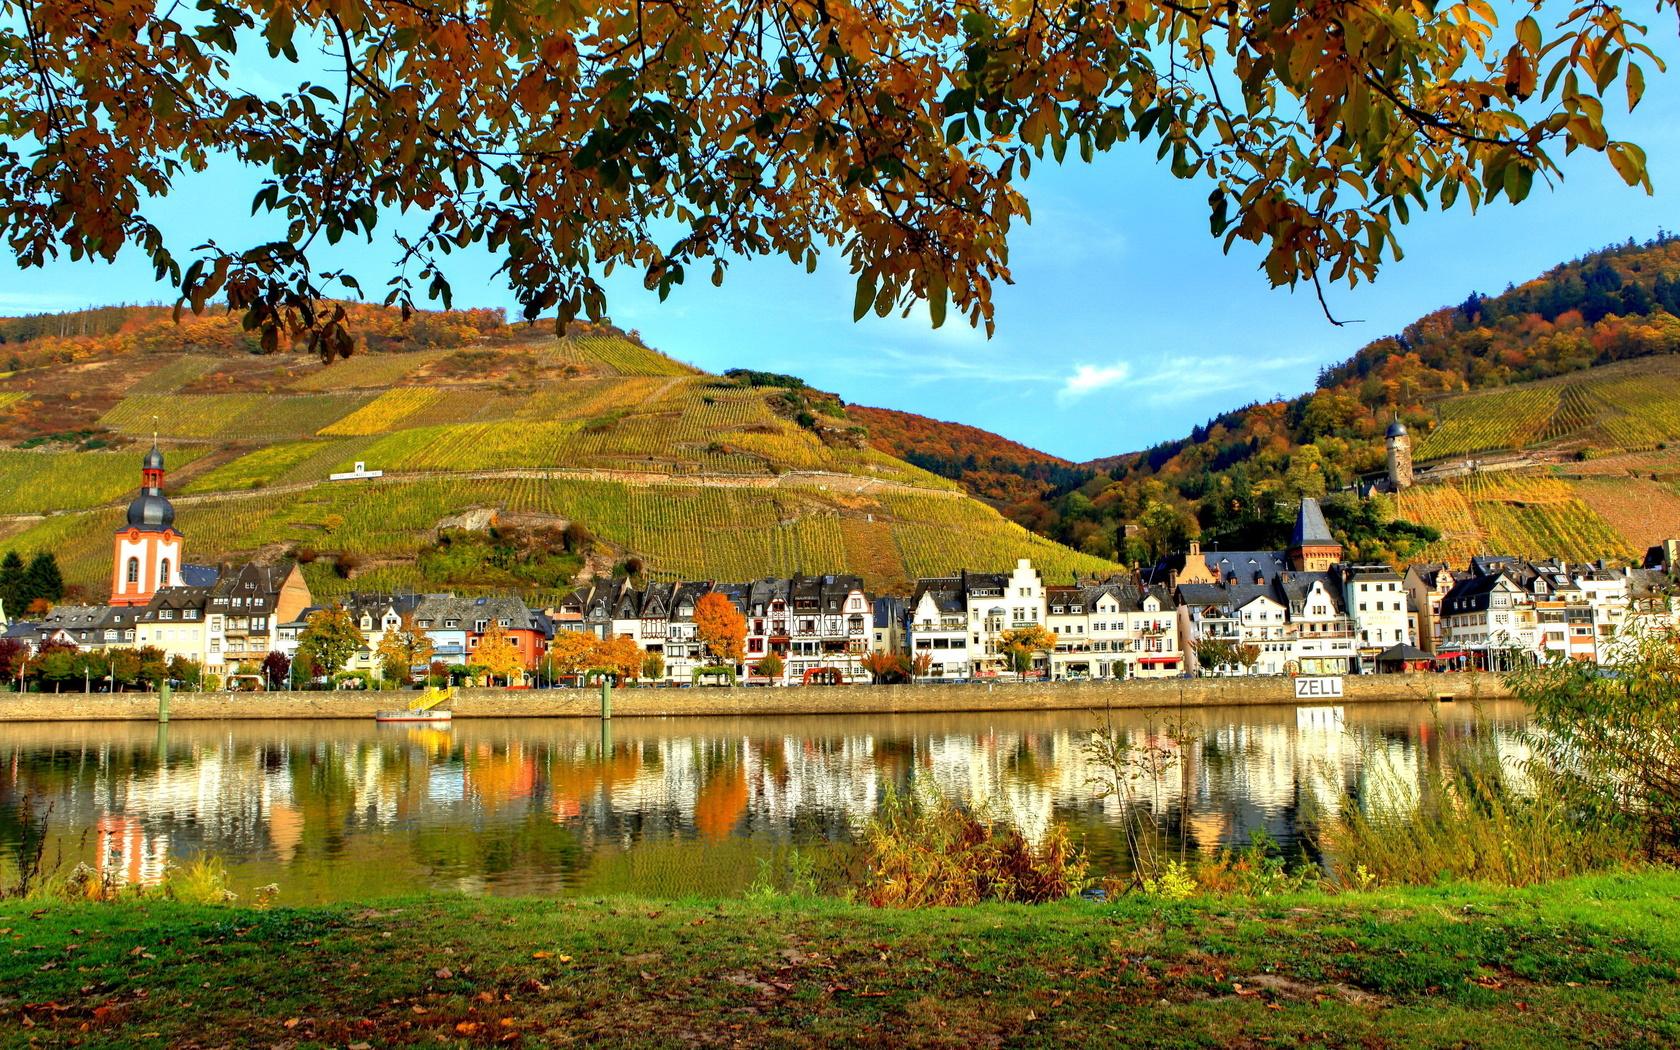 германия, целль, мозель, город, германия, река, дома